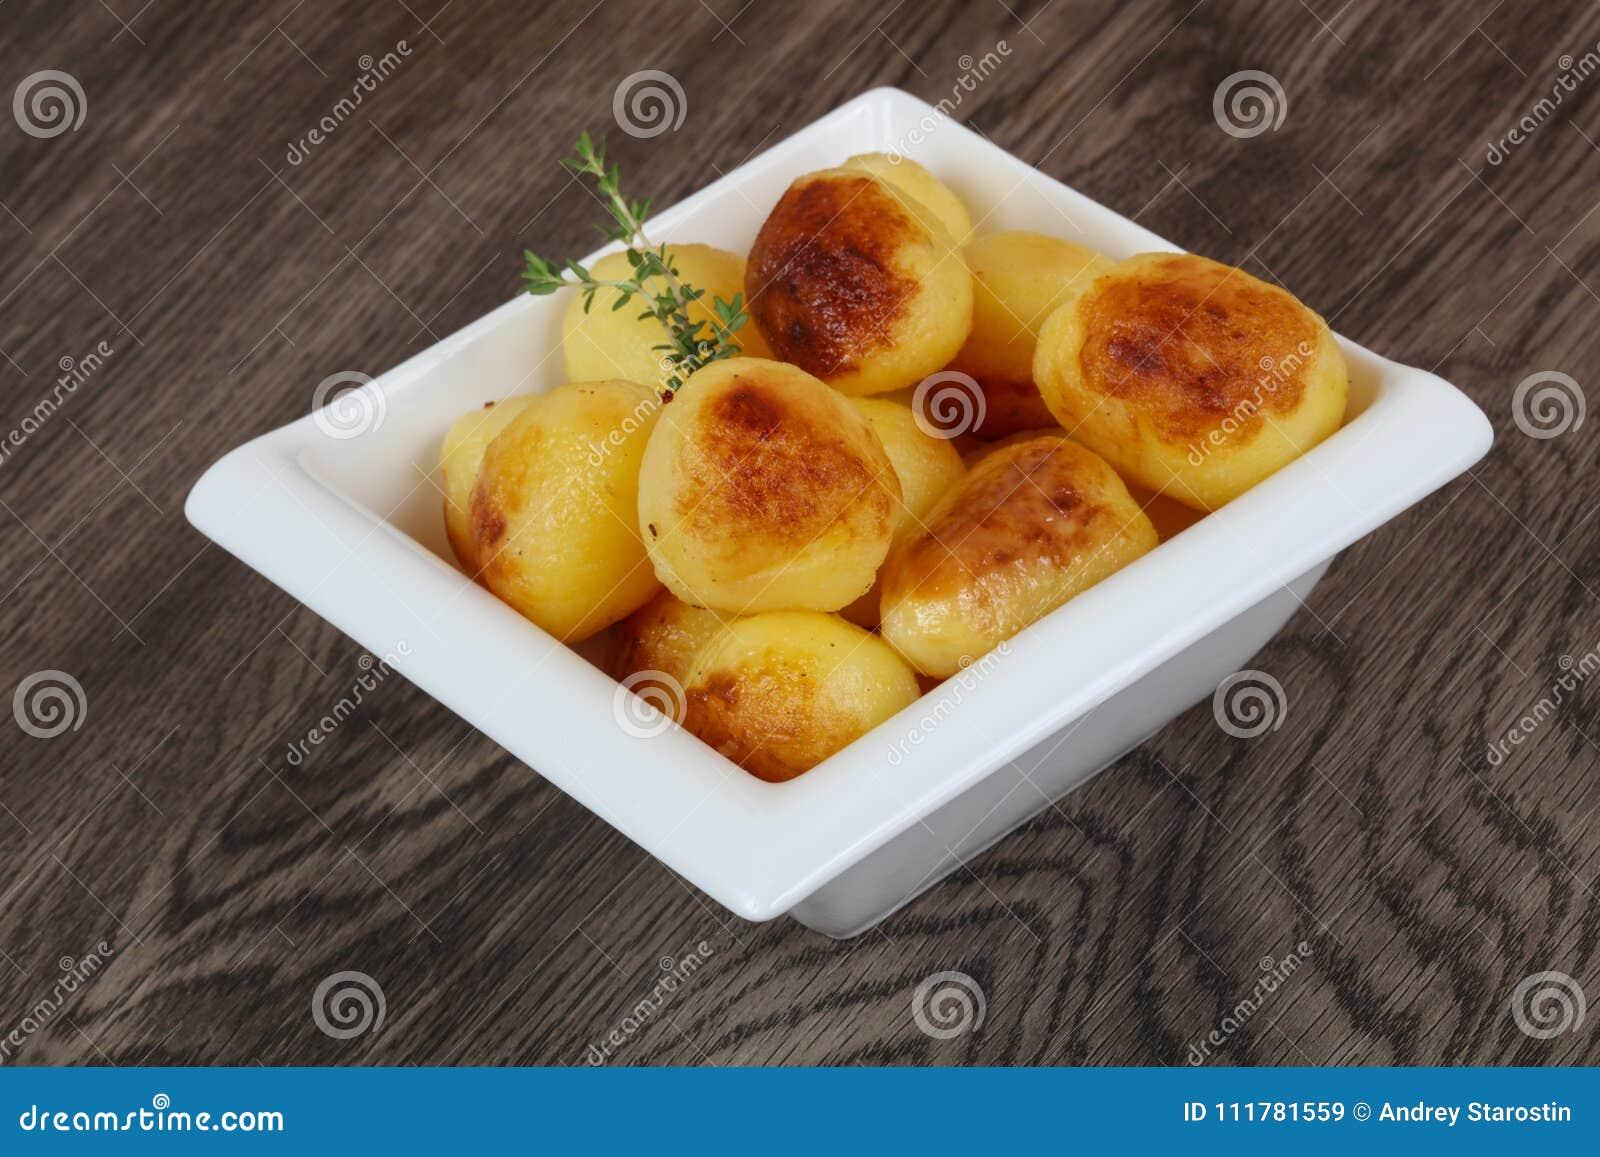 Golden backed potato